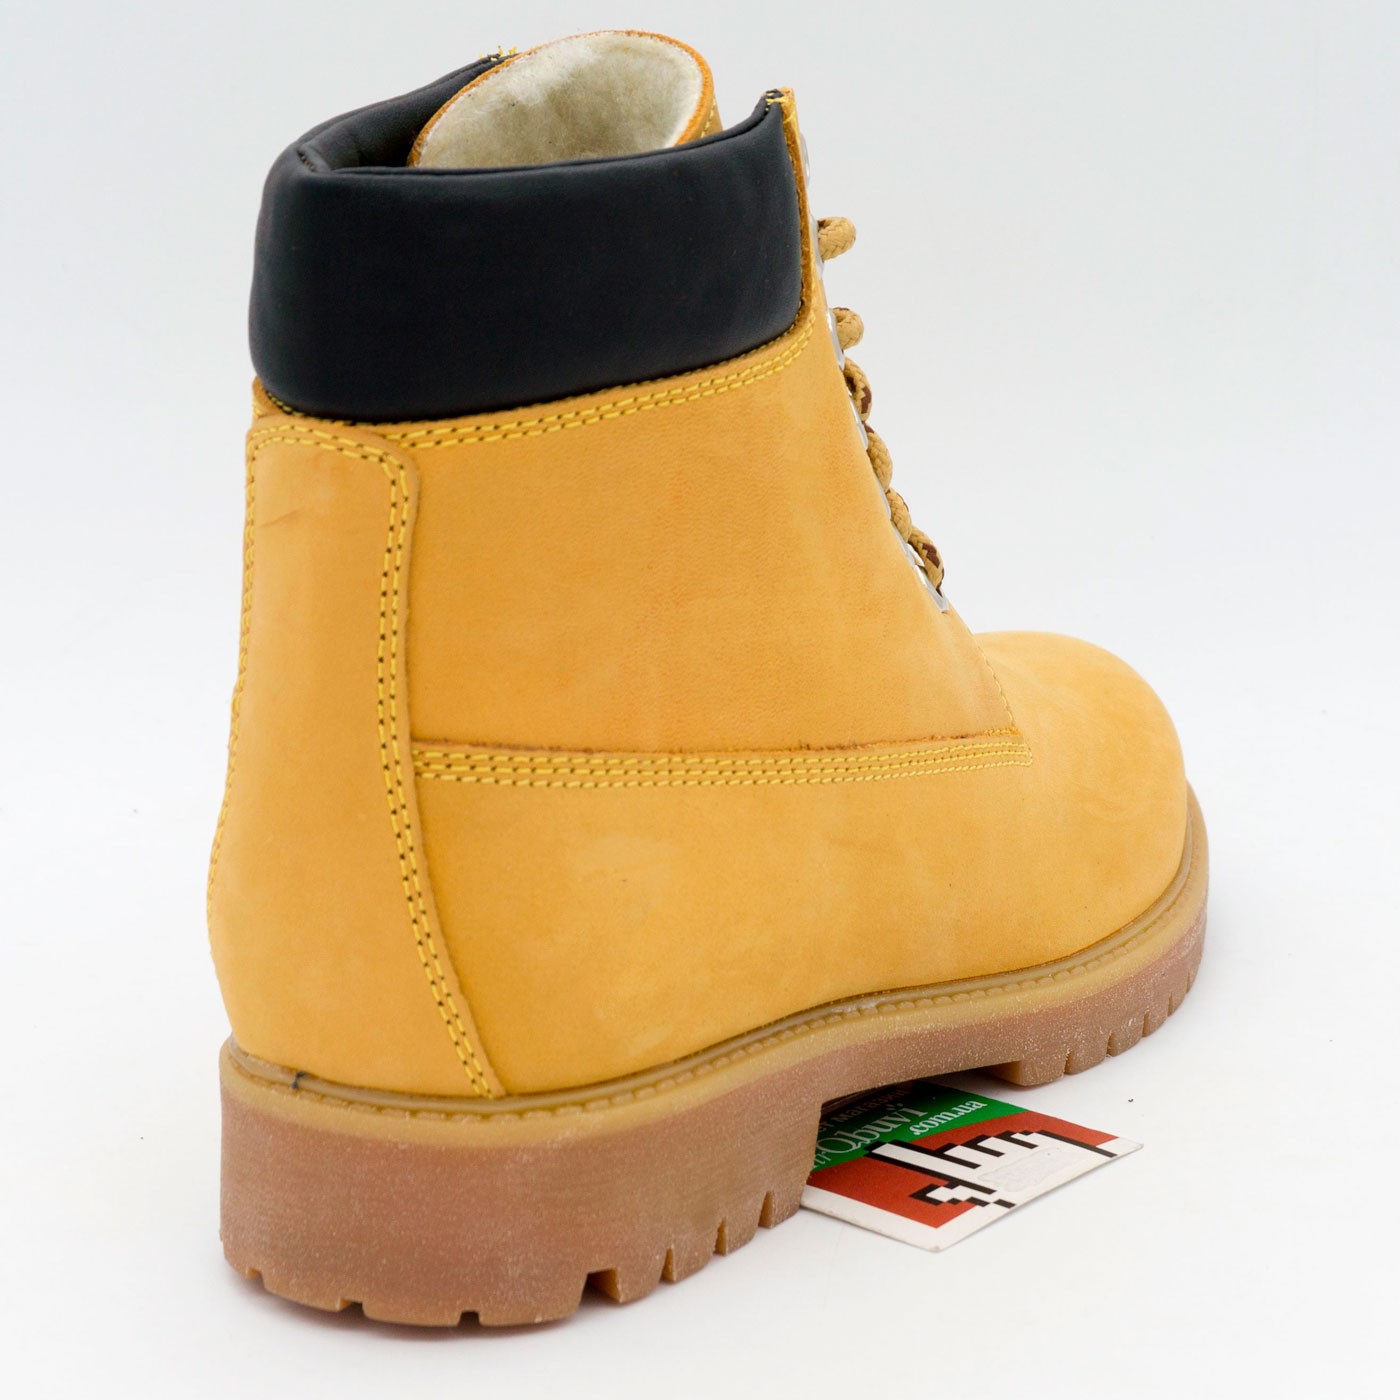 фото bottom Желтые женские ботинки Реплика Timberland 102 (сделано в Украине) bottom